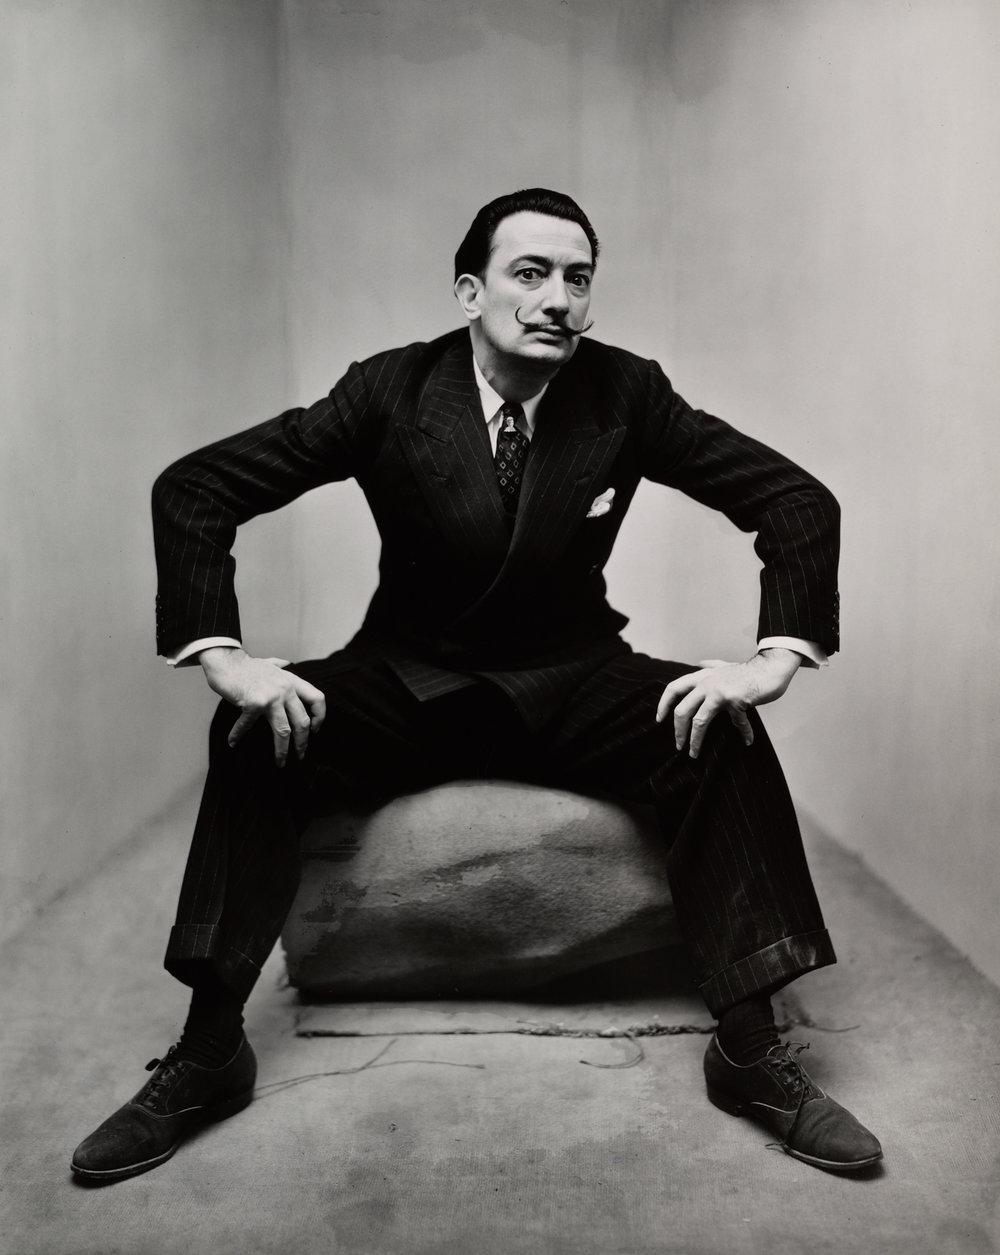 A famous Penn portrait of Salvador Dali.